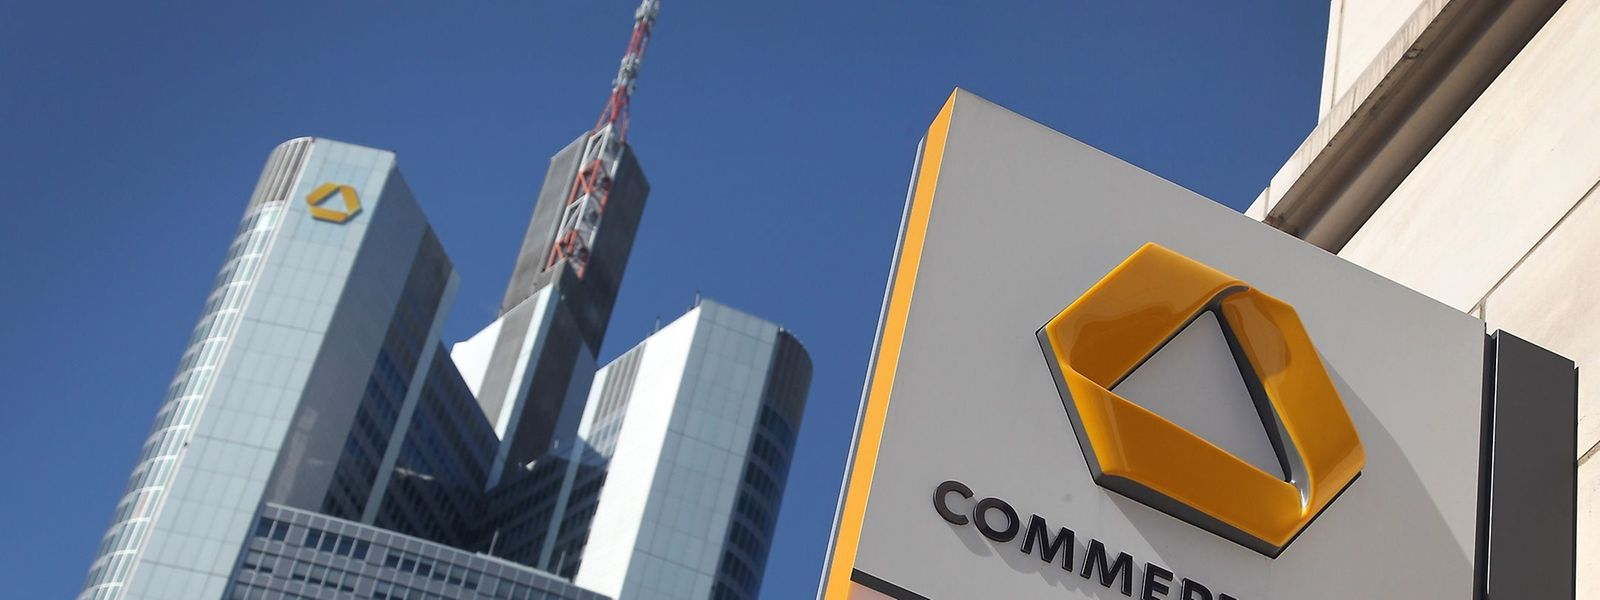 Der Dax-Konzern zahlt umgerechnet rund 1,2 Milliarden Euro, um Vorwürfe von Geldwäsche bei Geschäften mit «Schurkenstaaten» aus der Welt zu schaffen.